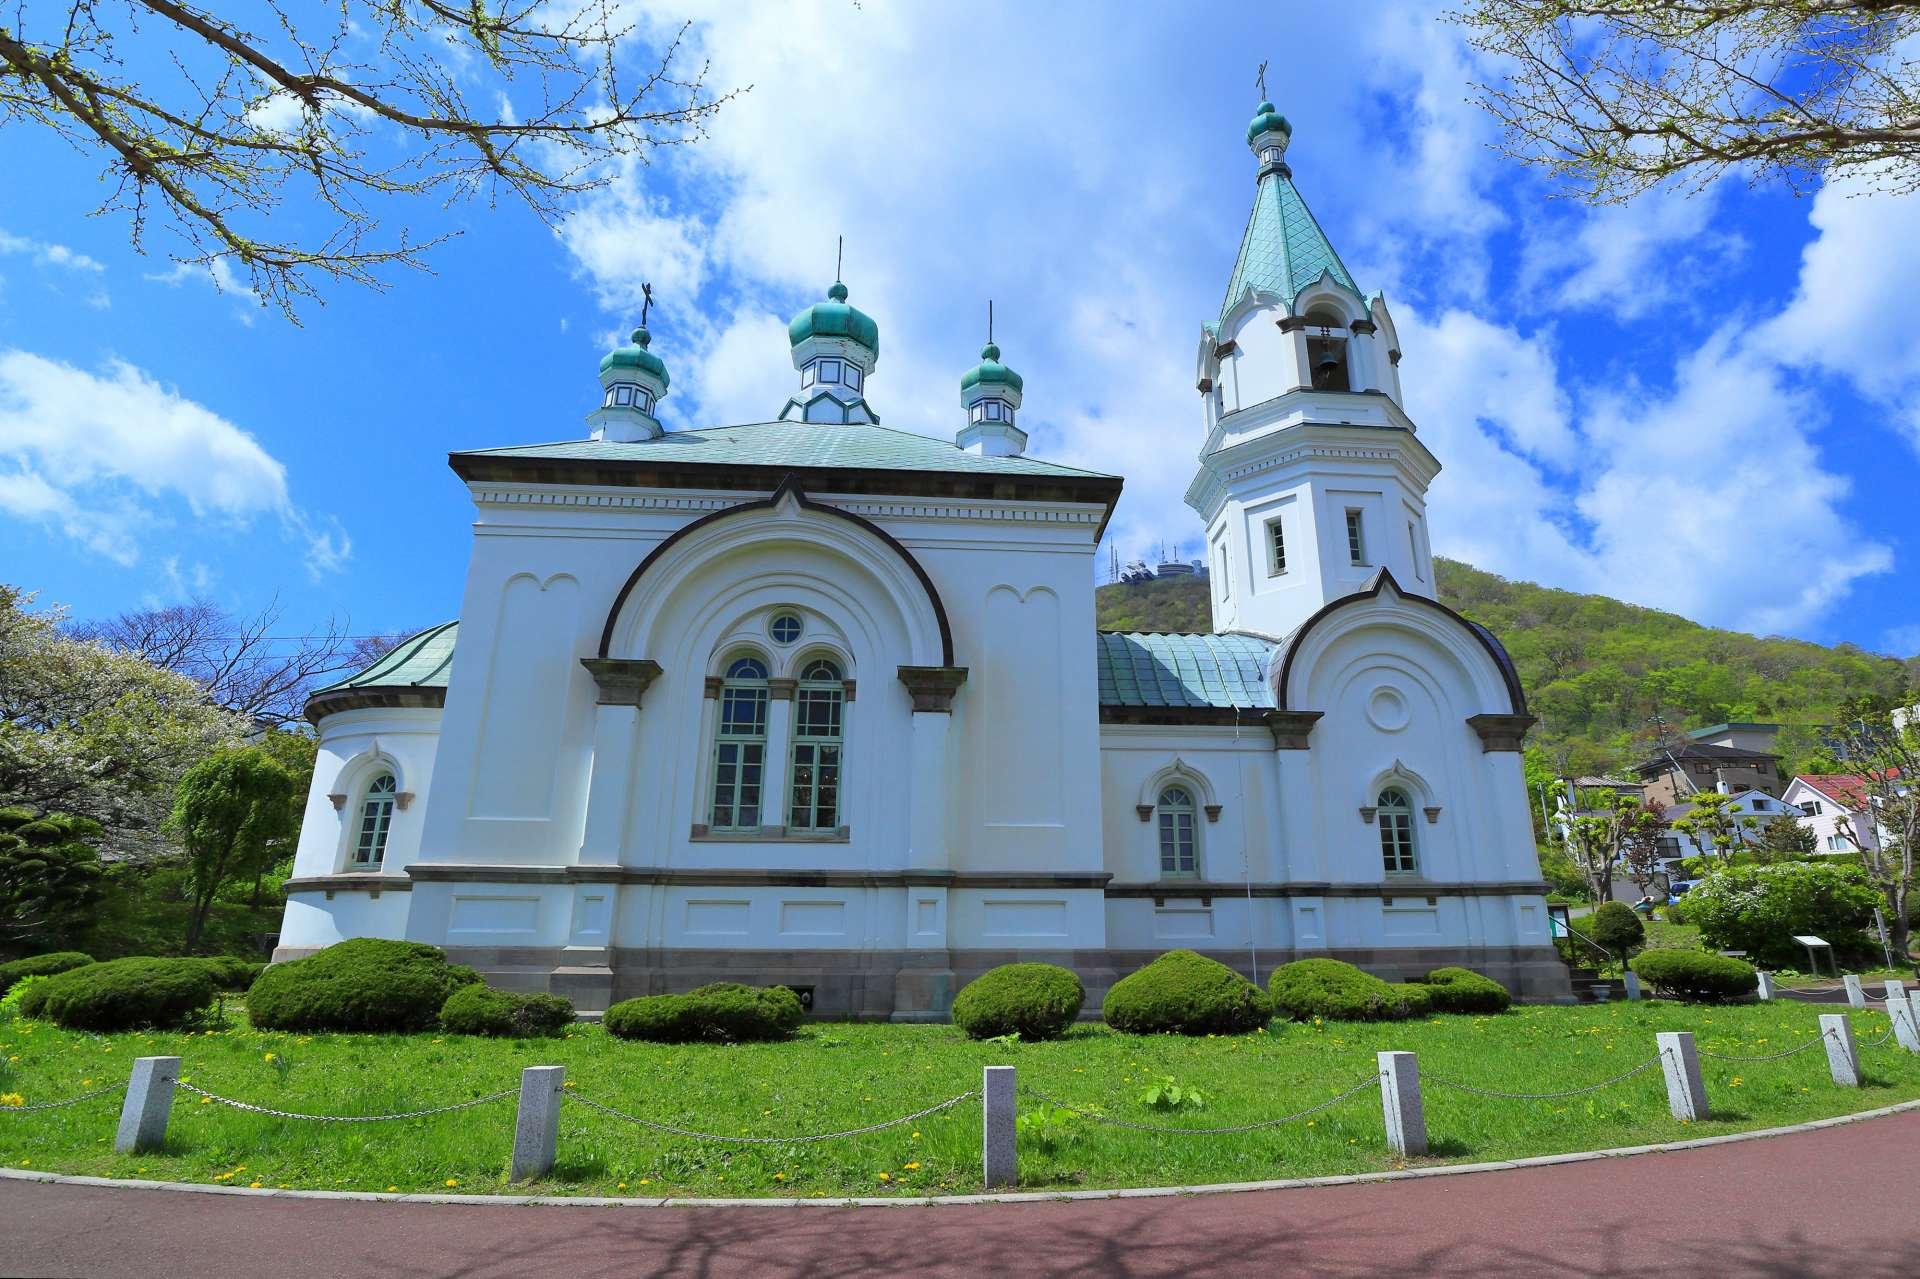 晴空下的哈利斯特斯東正教堂